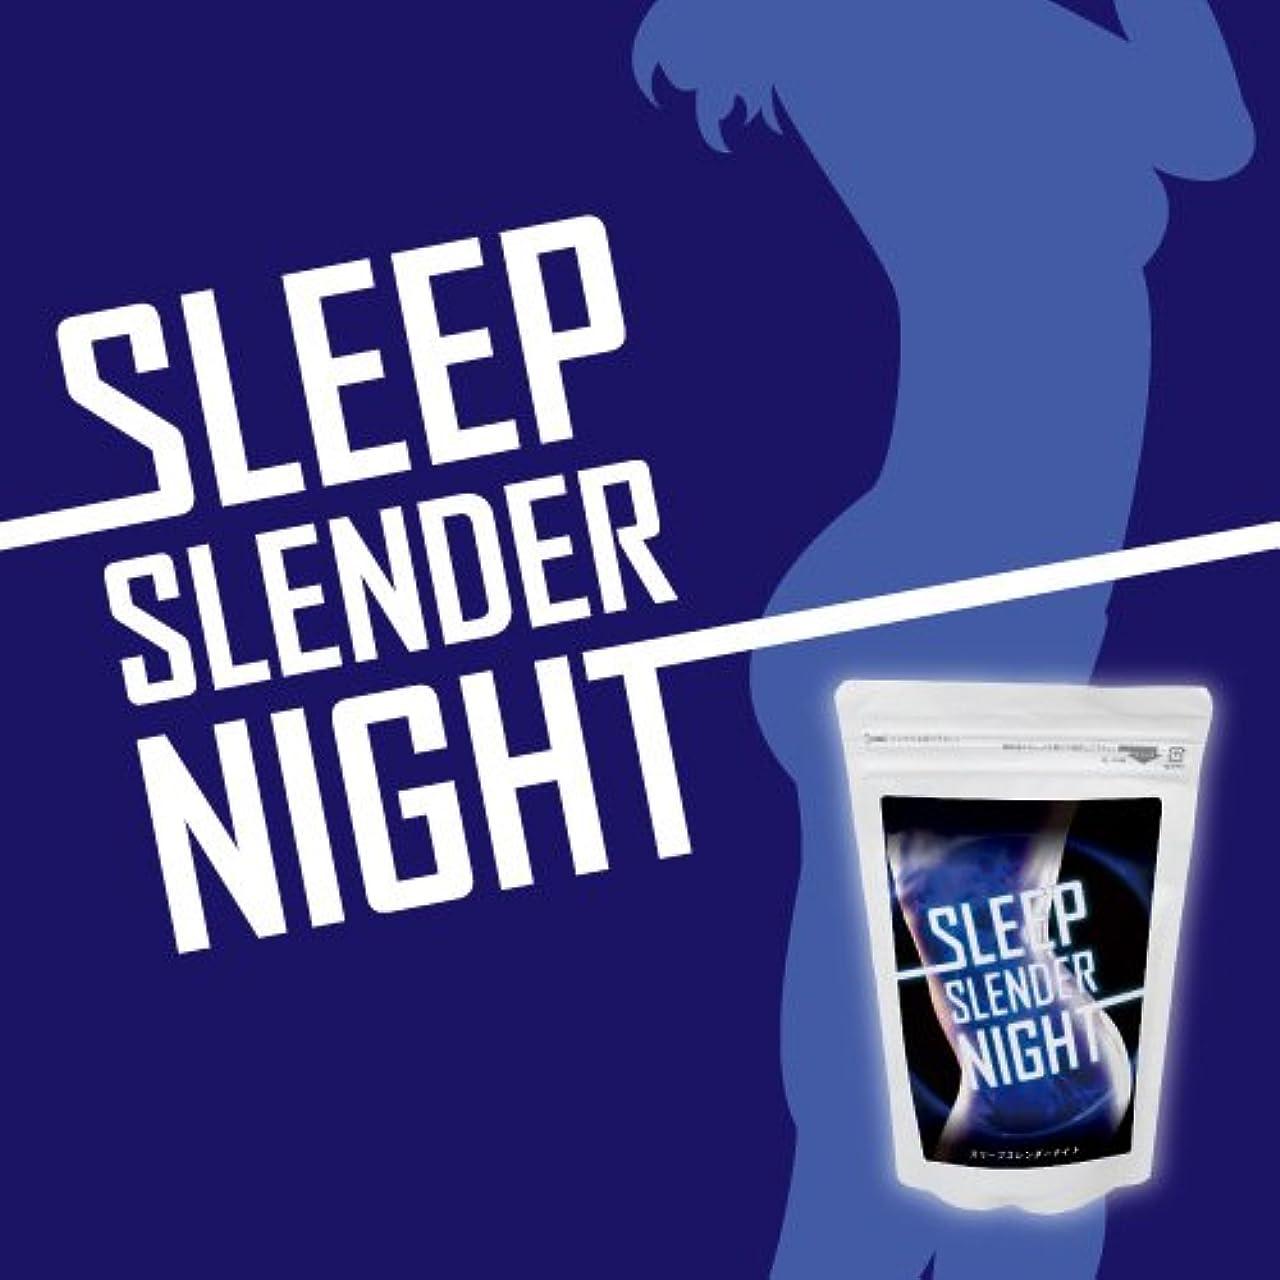 大宇宙リンケージ意気込みSleep Slender Night(スリープスレンダーナイト) ダイエット ダイエットサプリ 送料無料